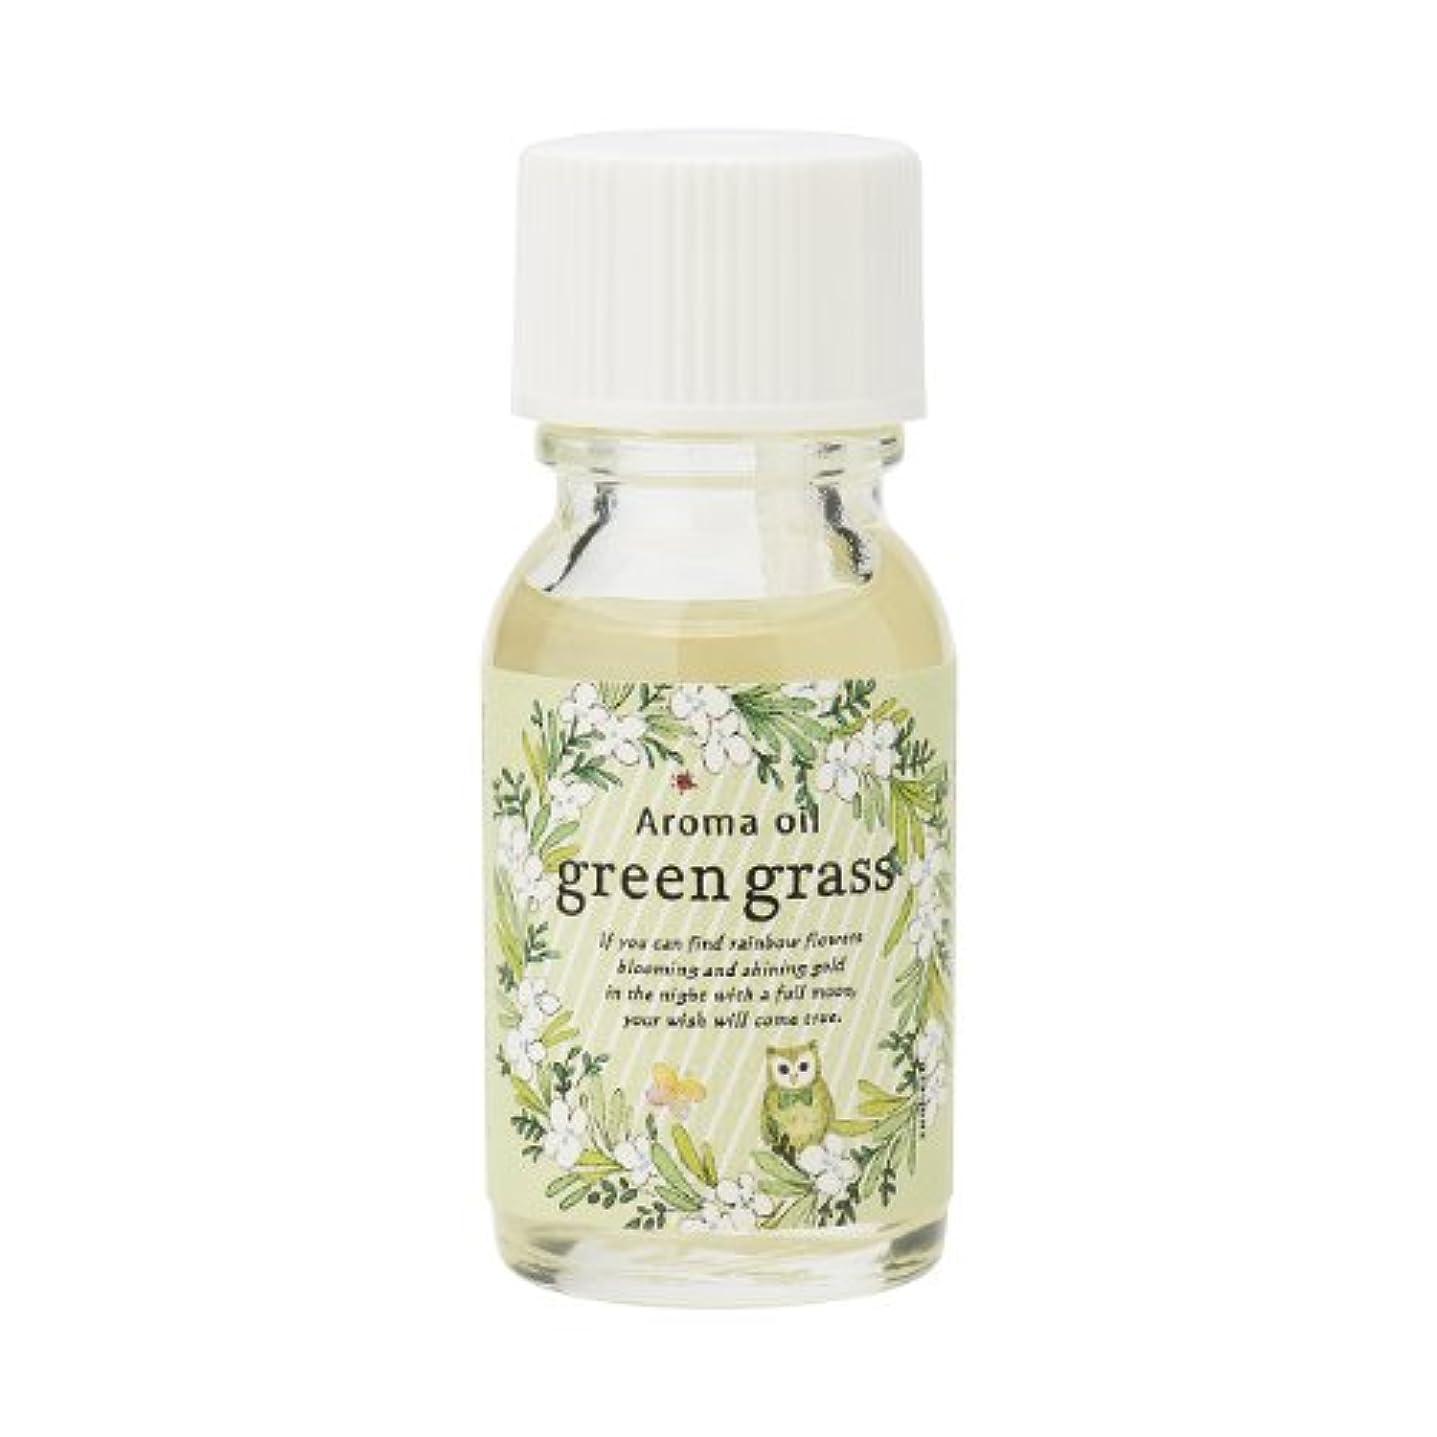 嫌悪地殻うんサンハーブ アロマオイル グリーングラス 13ml(爽やかでちょっと大人の香り)